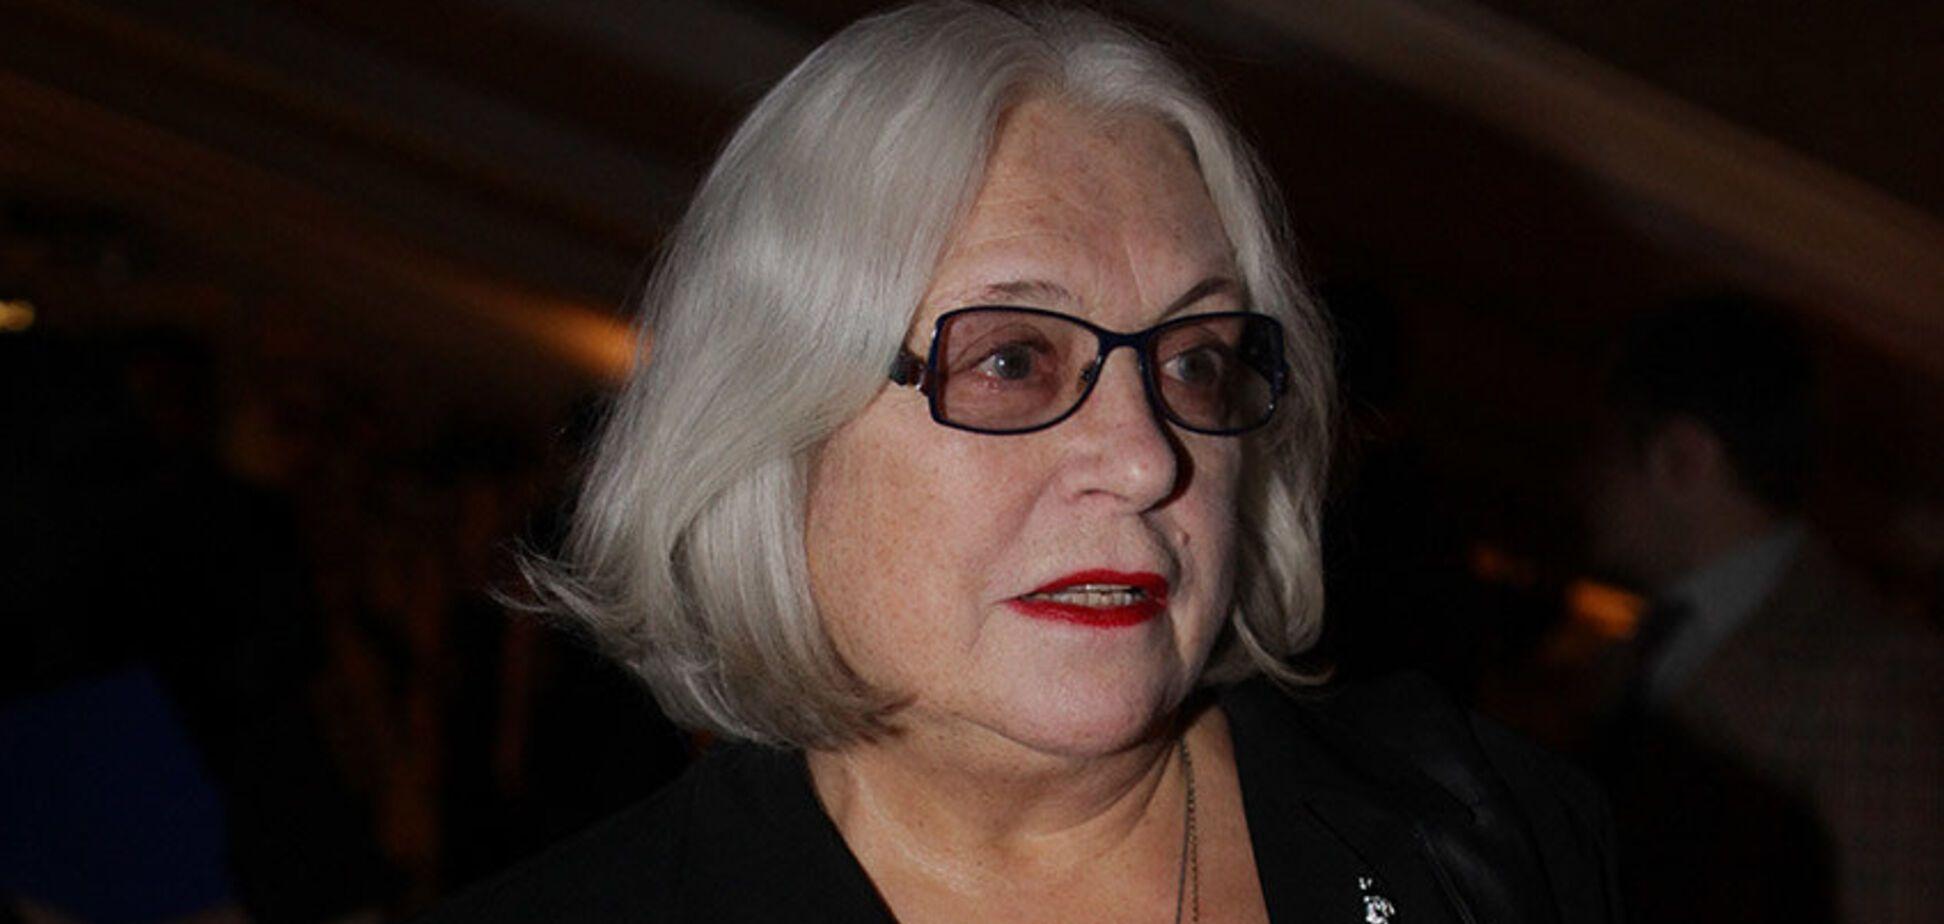 'Ходить и лежать не могу': 81-летняя Федосеева-Шукшина получила серьезную травму